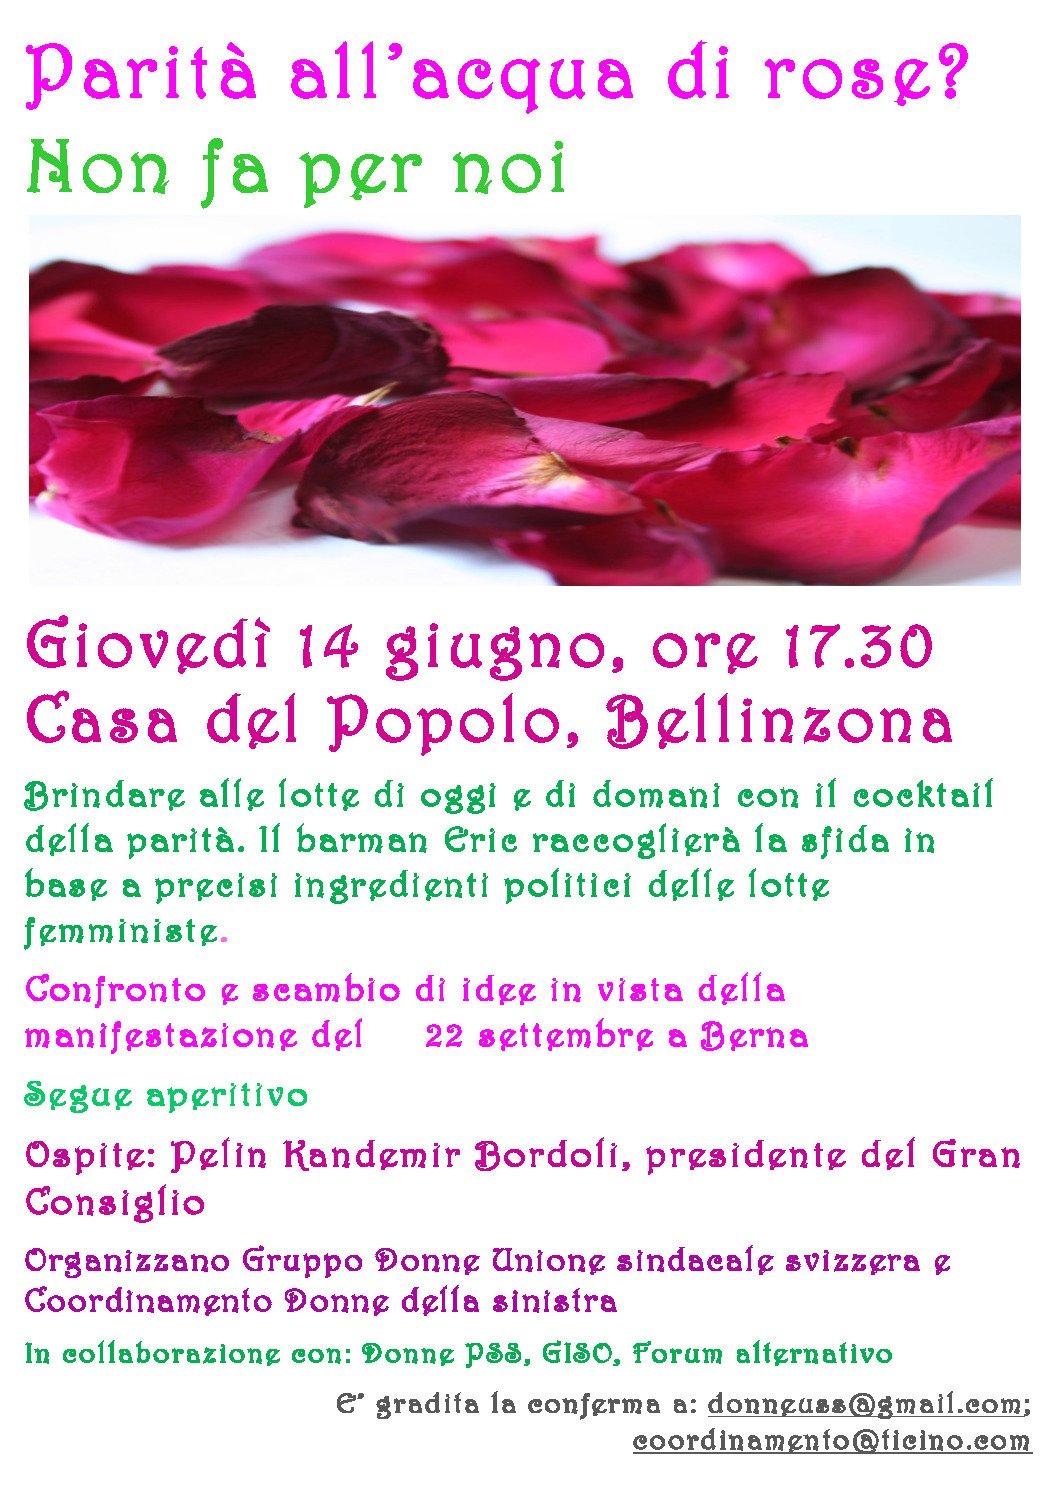 thumbnail of parità acqua di rose (002)